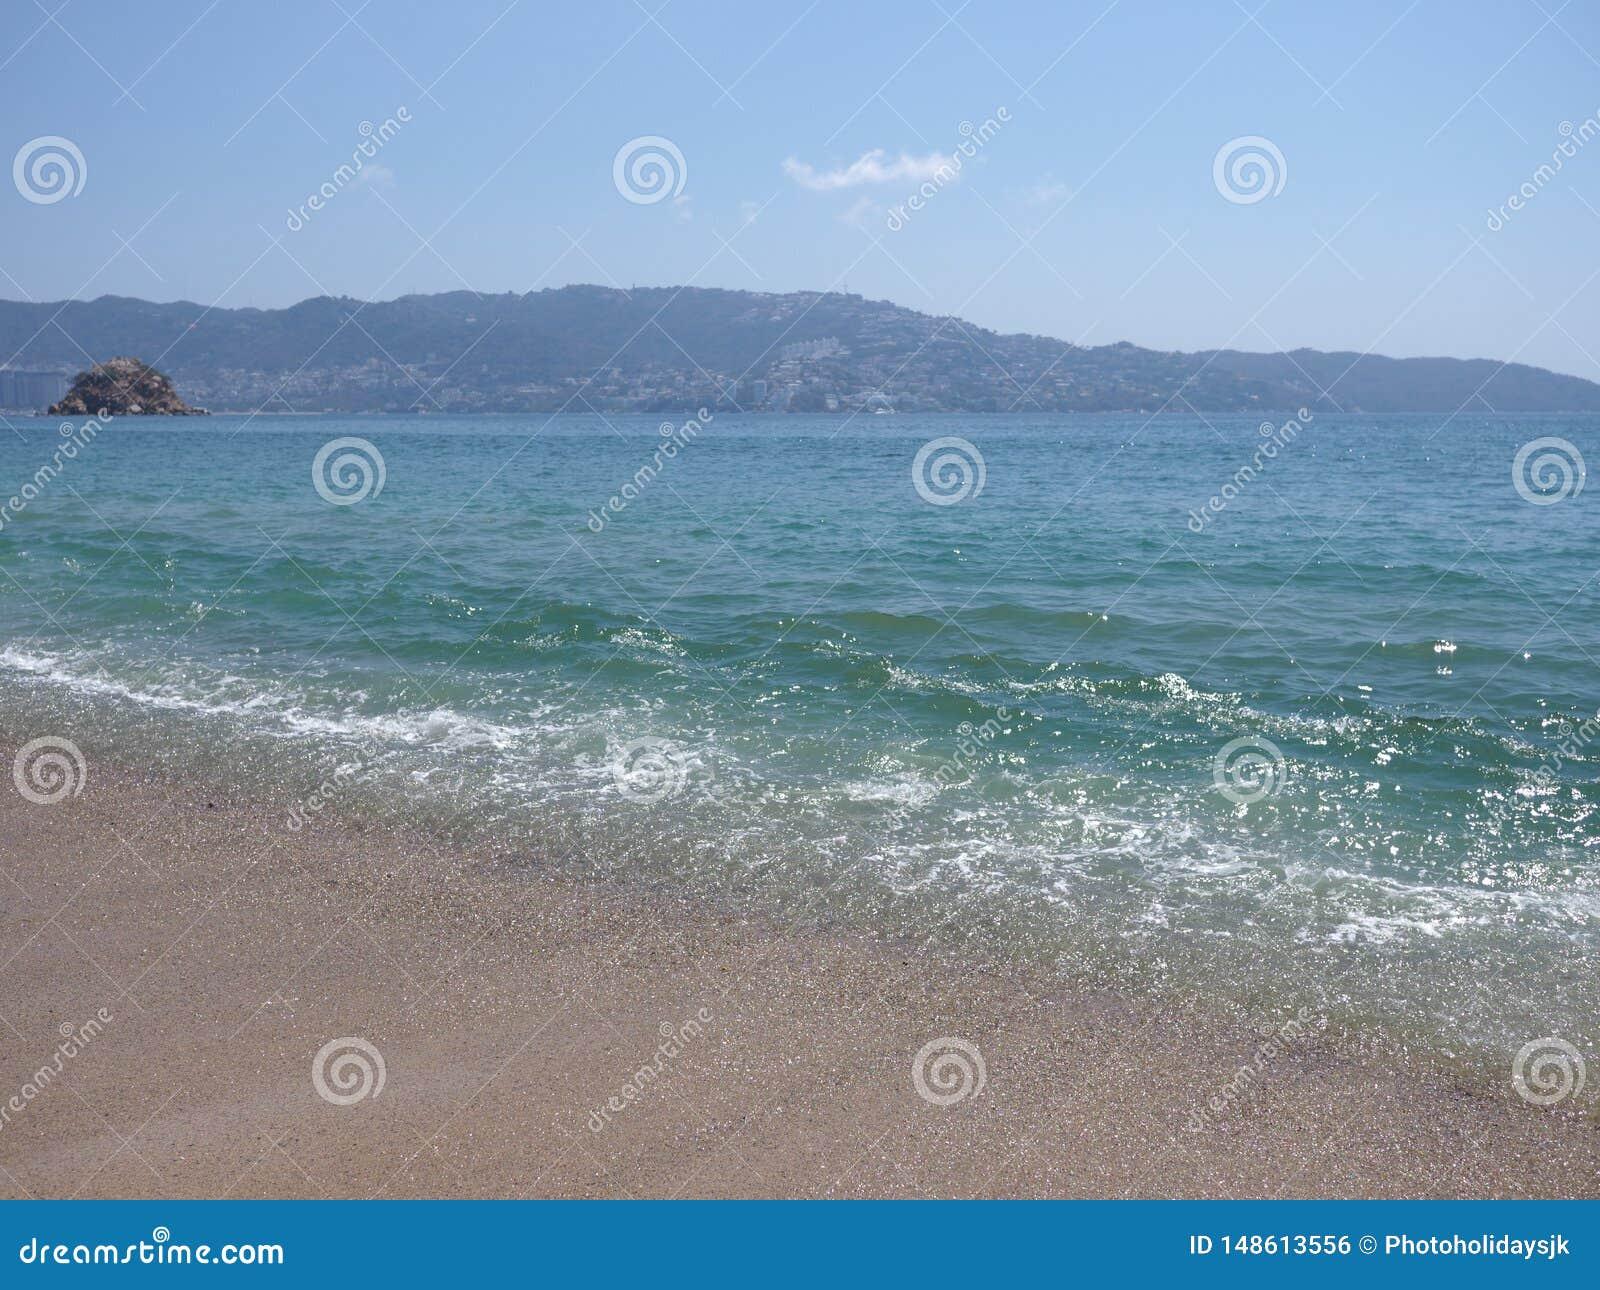 Turquise波浪看法在阿卡普尔科市海湾的墨西哥和太平洋风景的